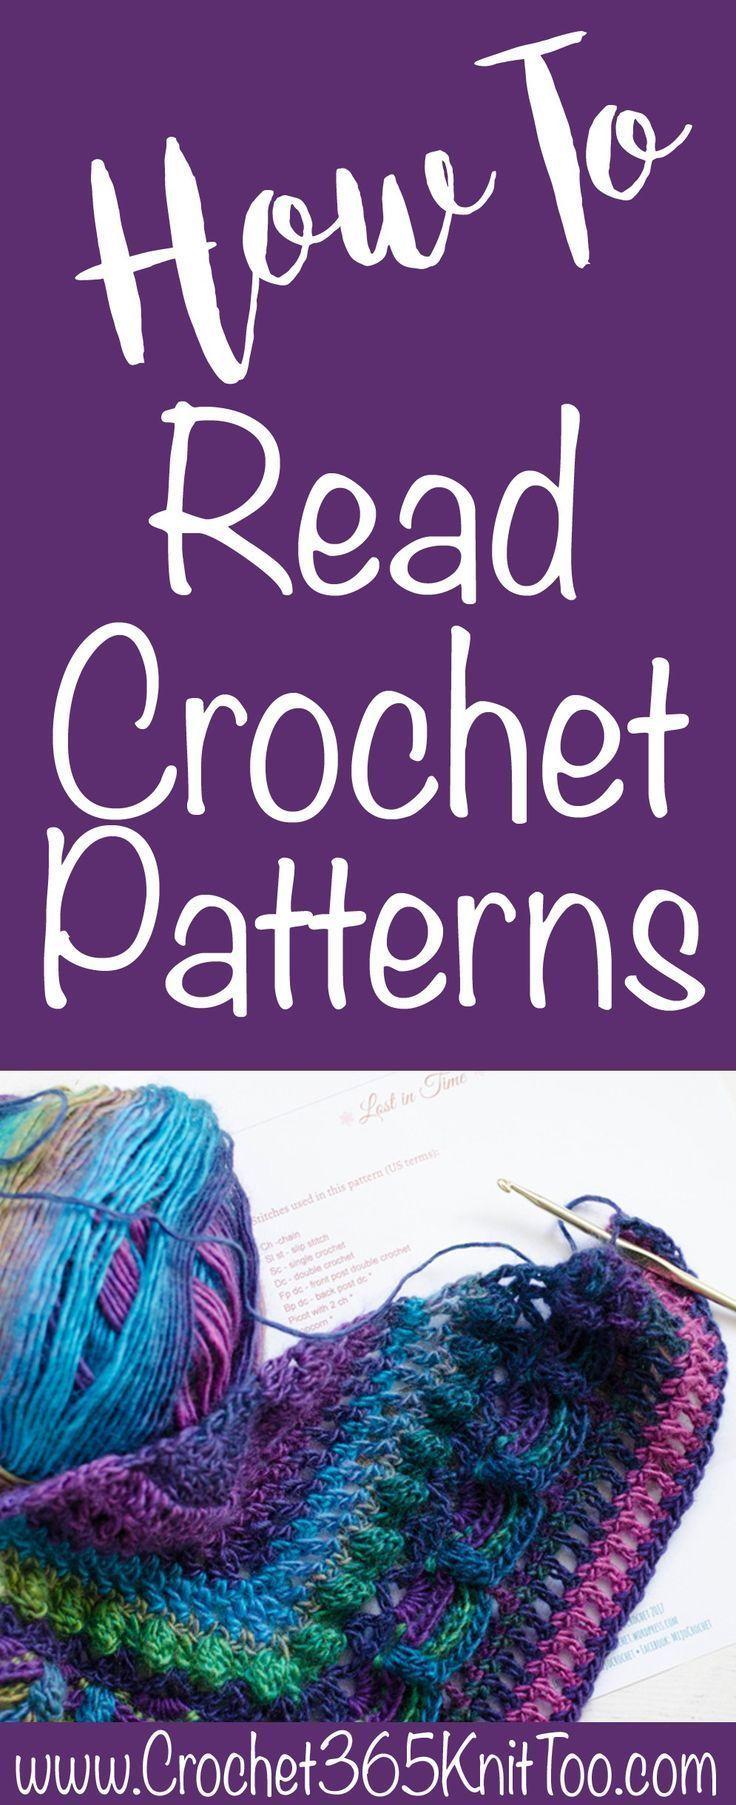 How To Read A Crochet Pattern | Häkeln, Häkelideen und Stricken